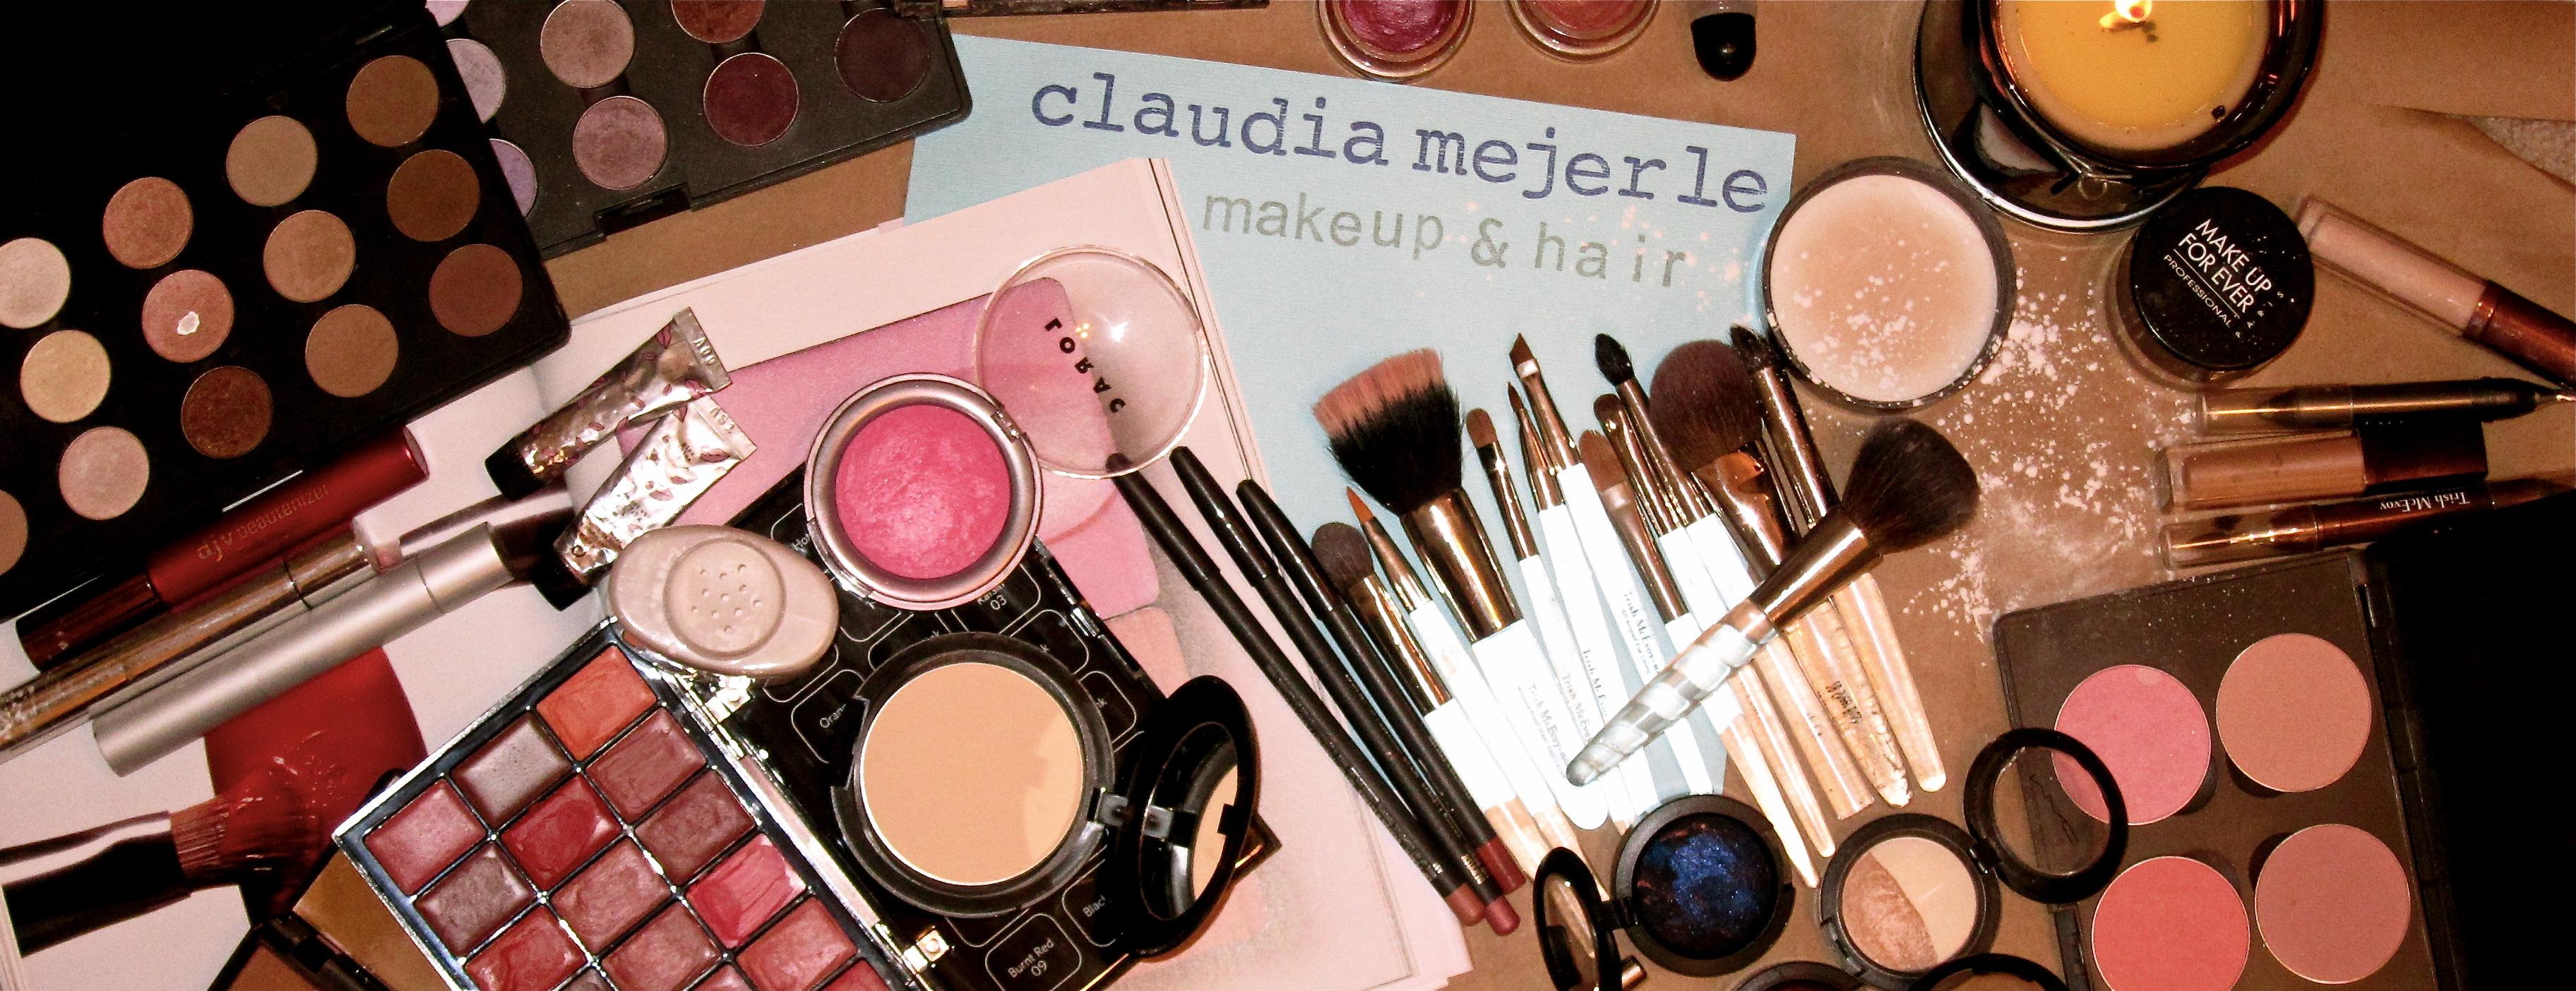 Makeup Hair By Claudia Mejerle